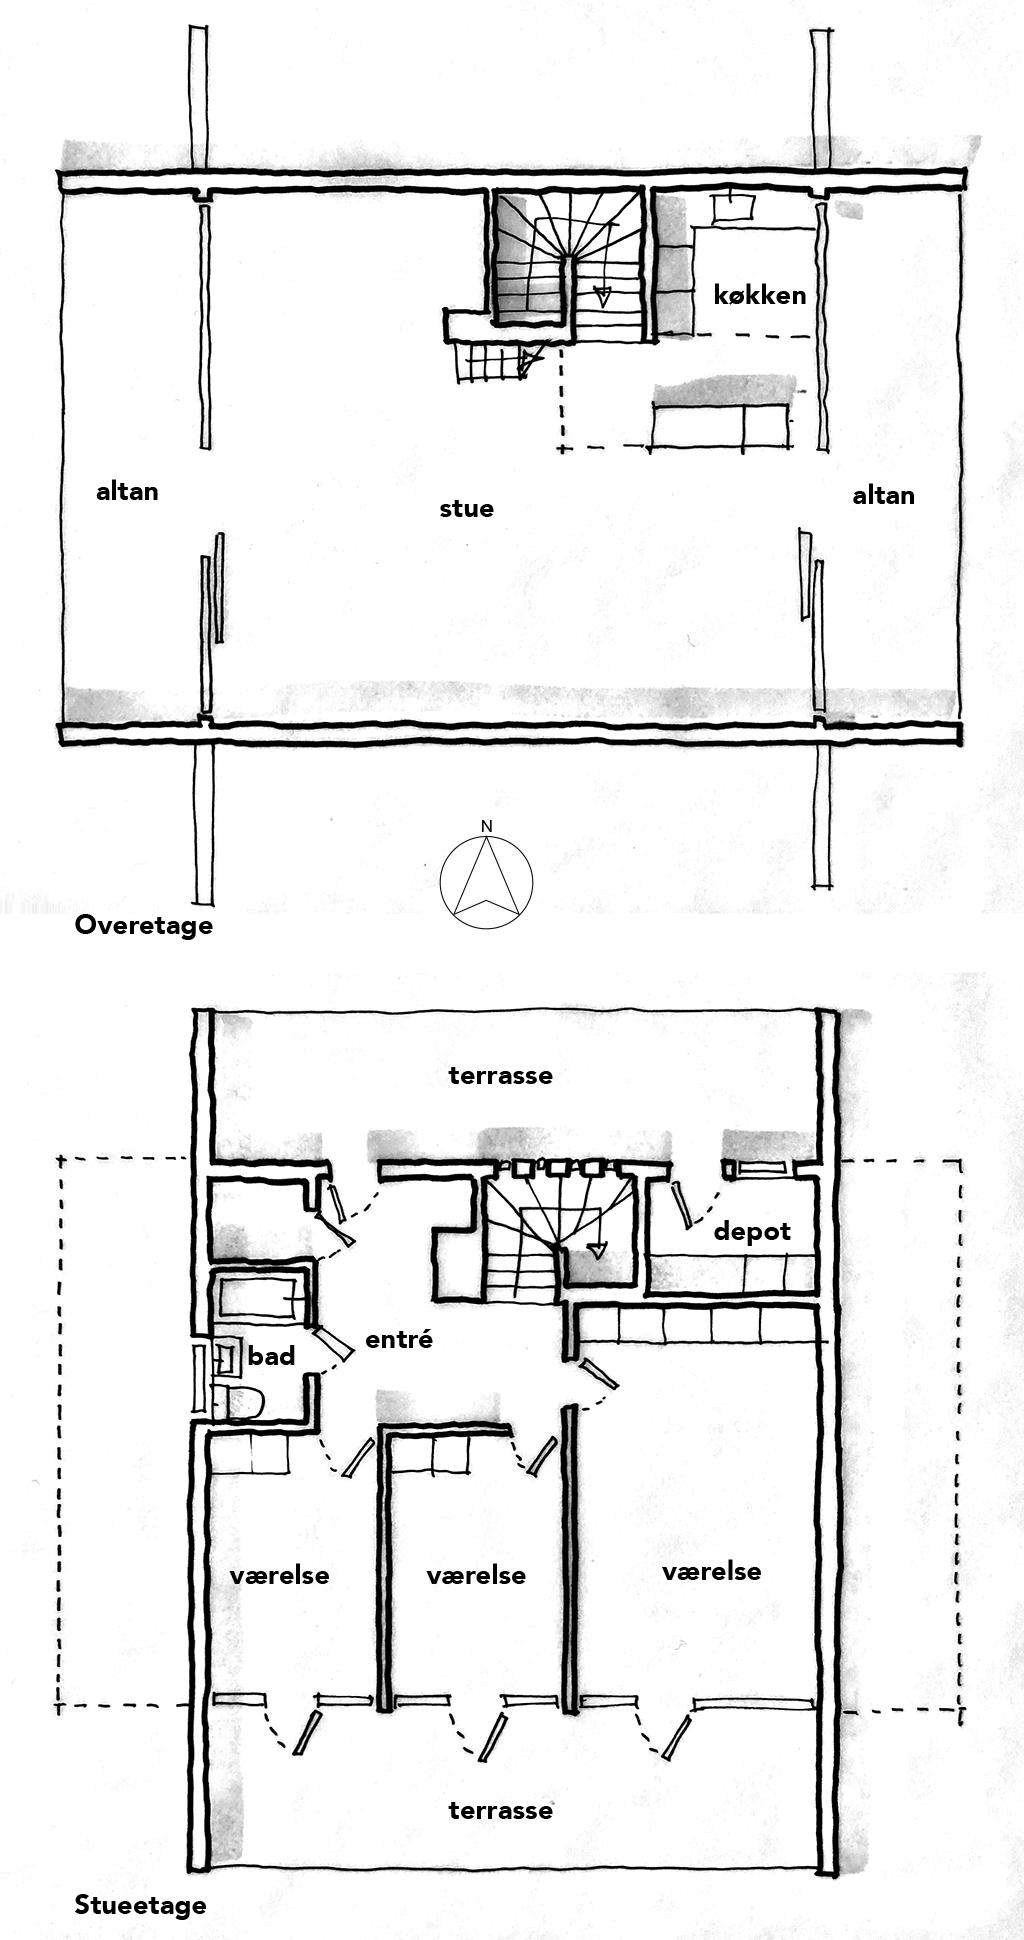 Planskitse, arkitekttegning, håndskitse